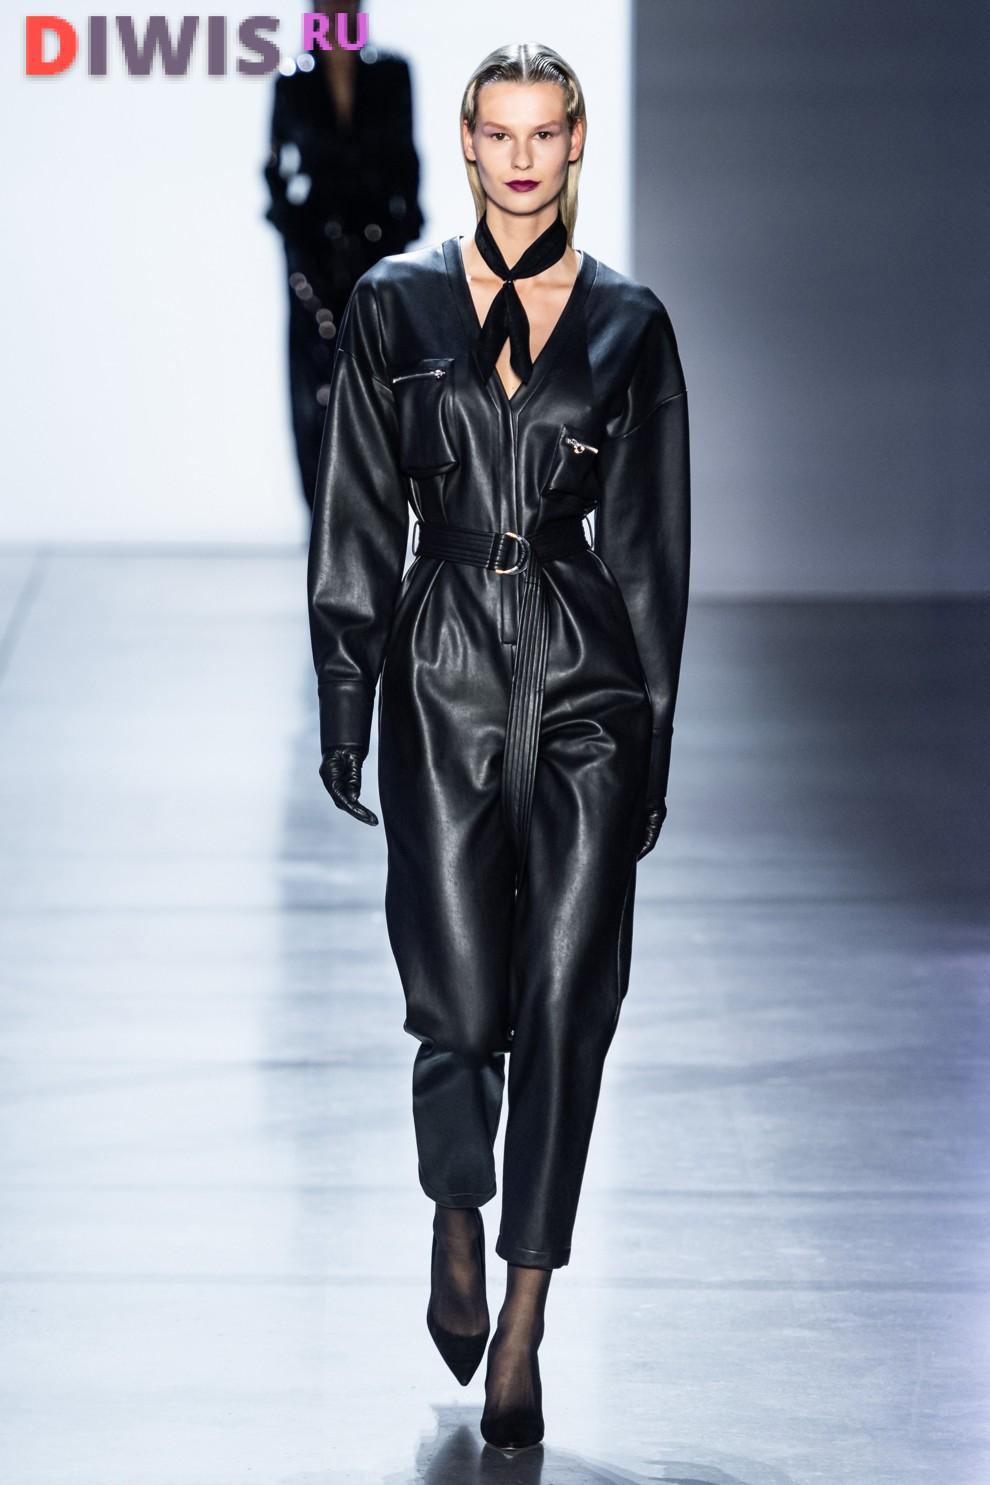 Мода на осень 2019 года в женской одежде